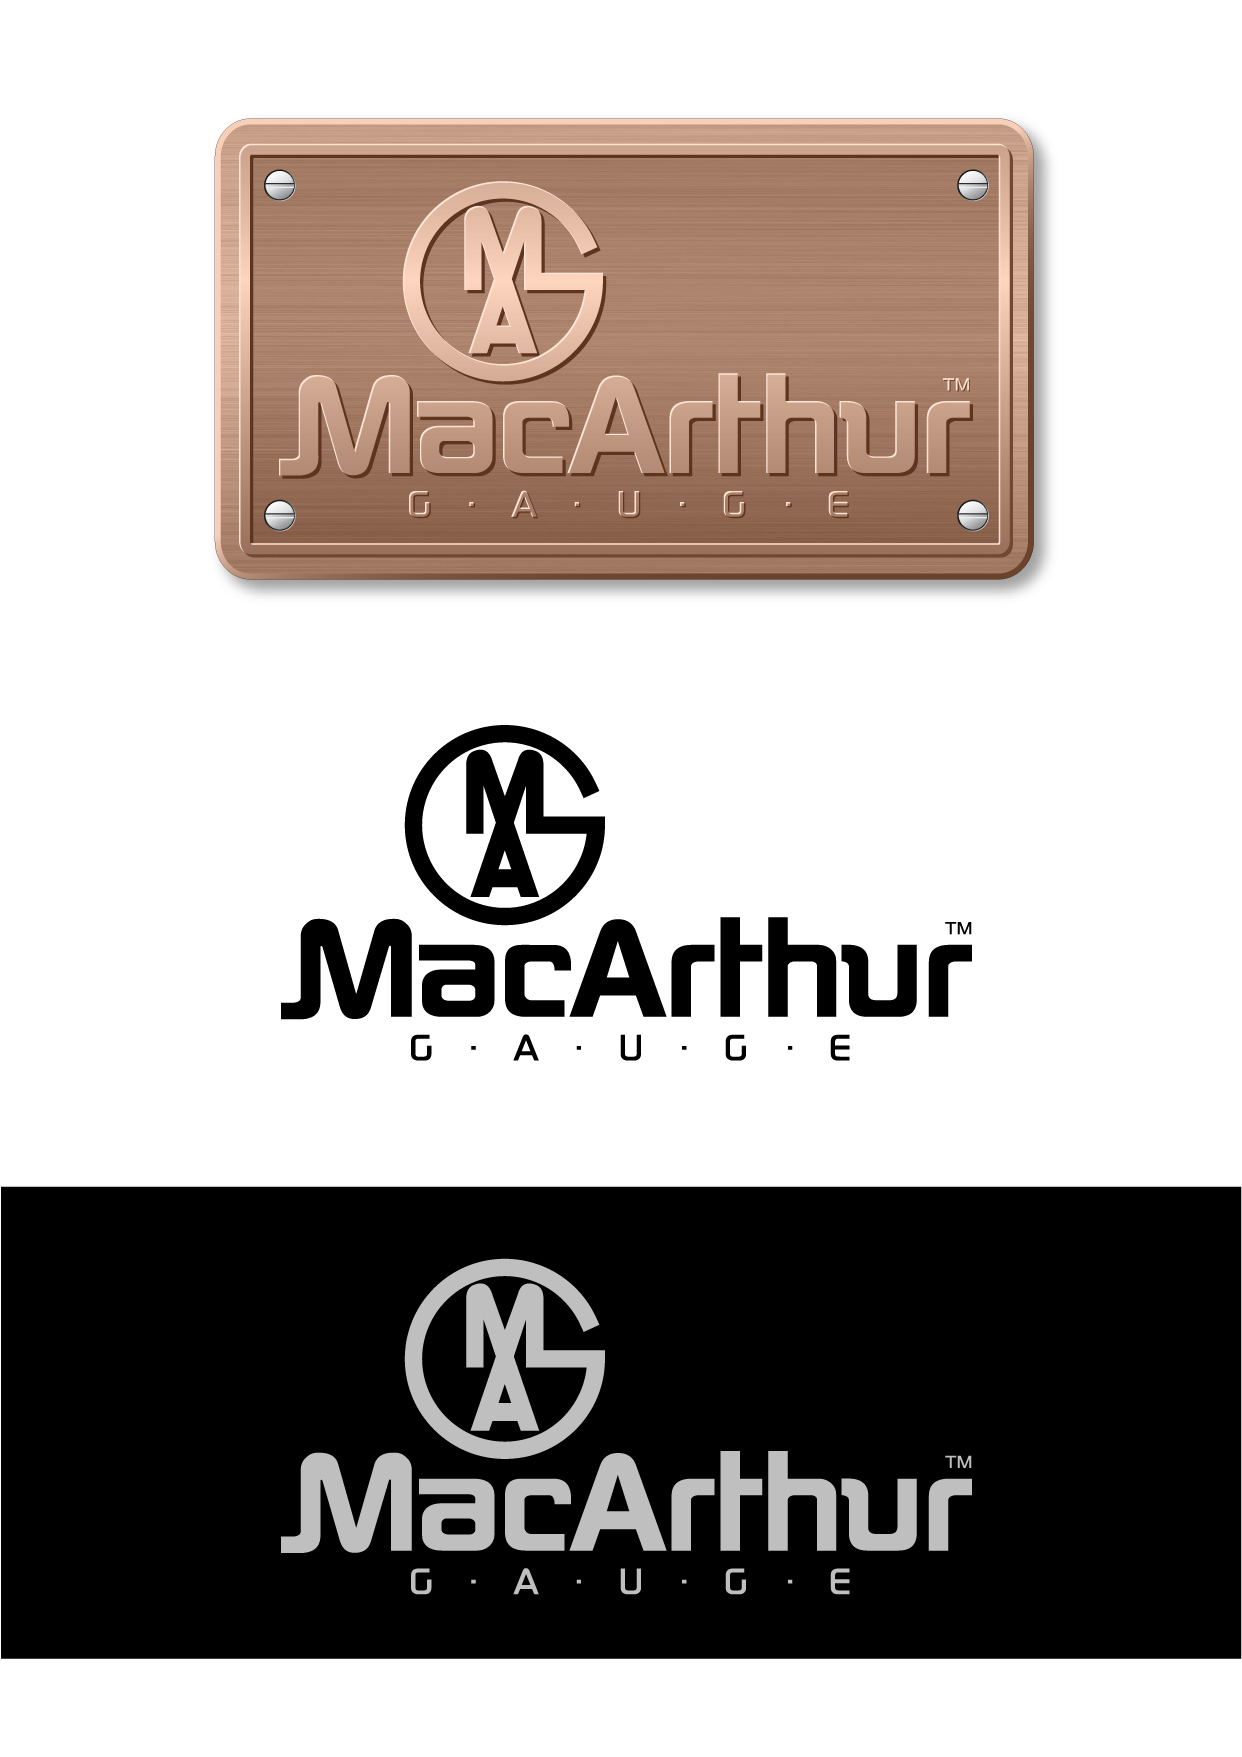 Logo Design by Wilfredo Mendoza - Entry No. 180 in the Logo Design Contest Fun Logo Design for MacArthur Gauge.